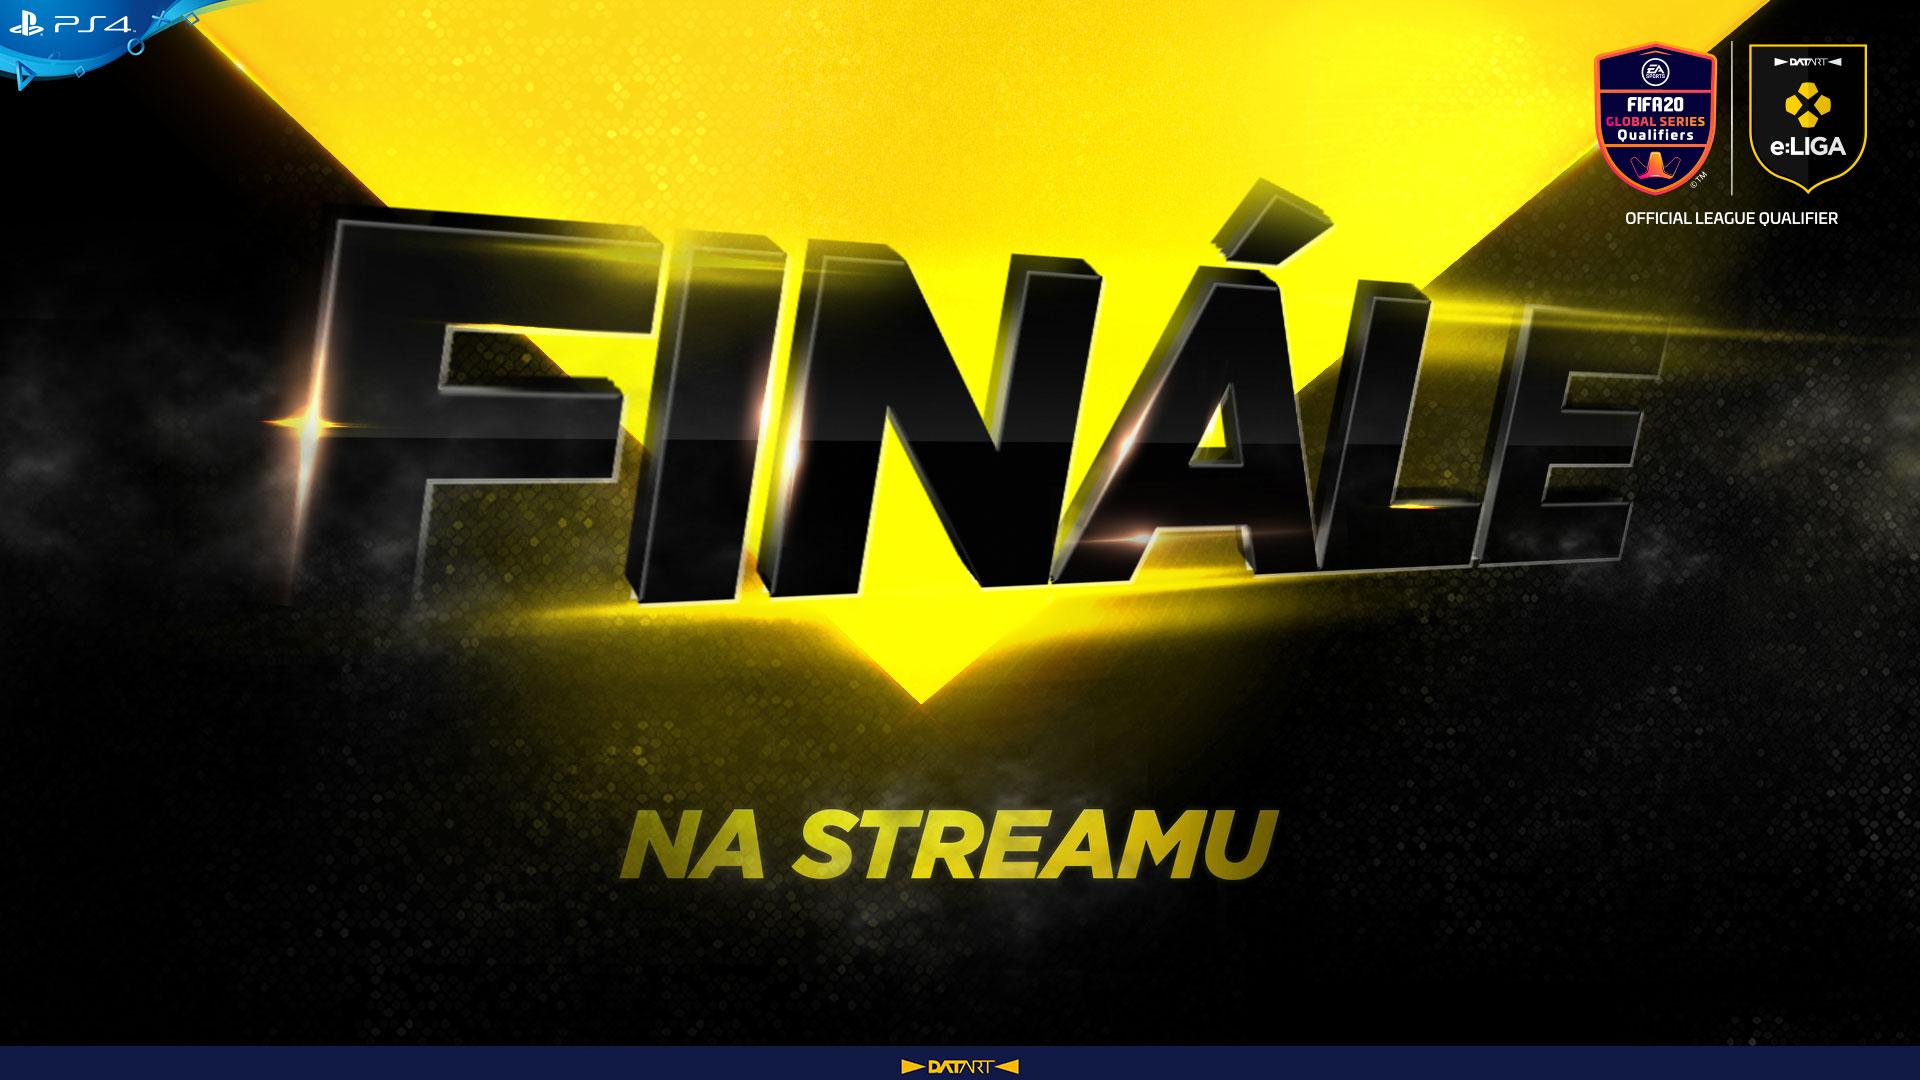 sledujte-stream-z-finale-datart-e-ligy